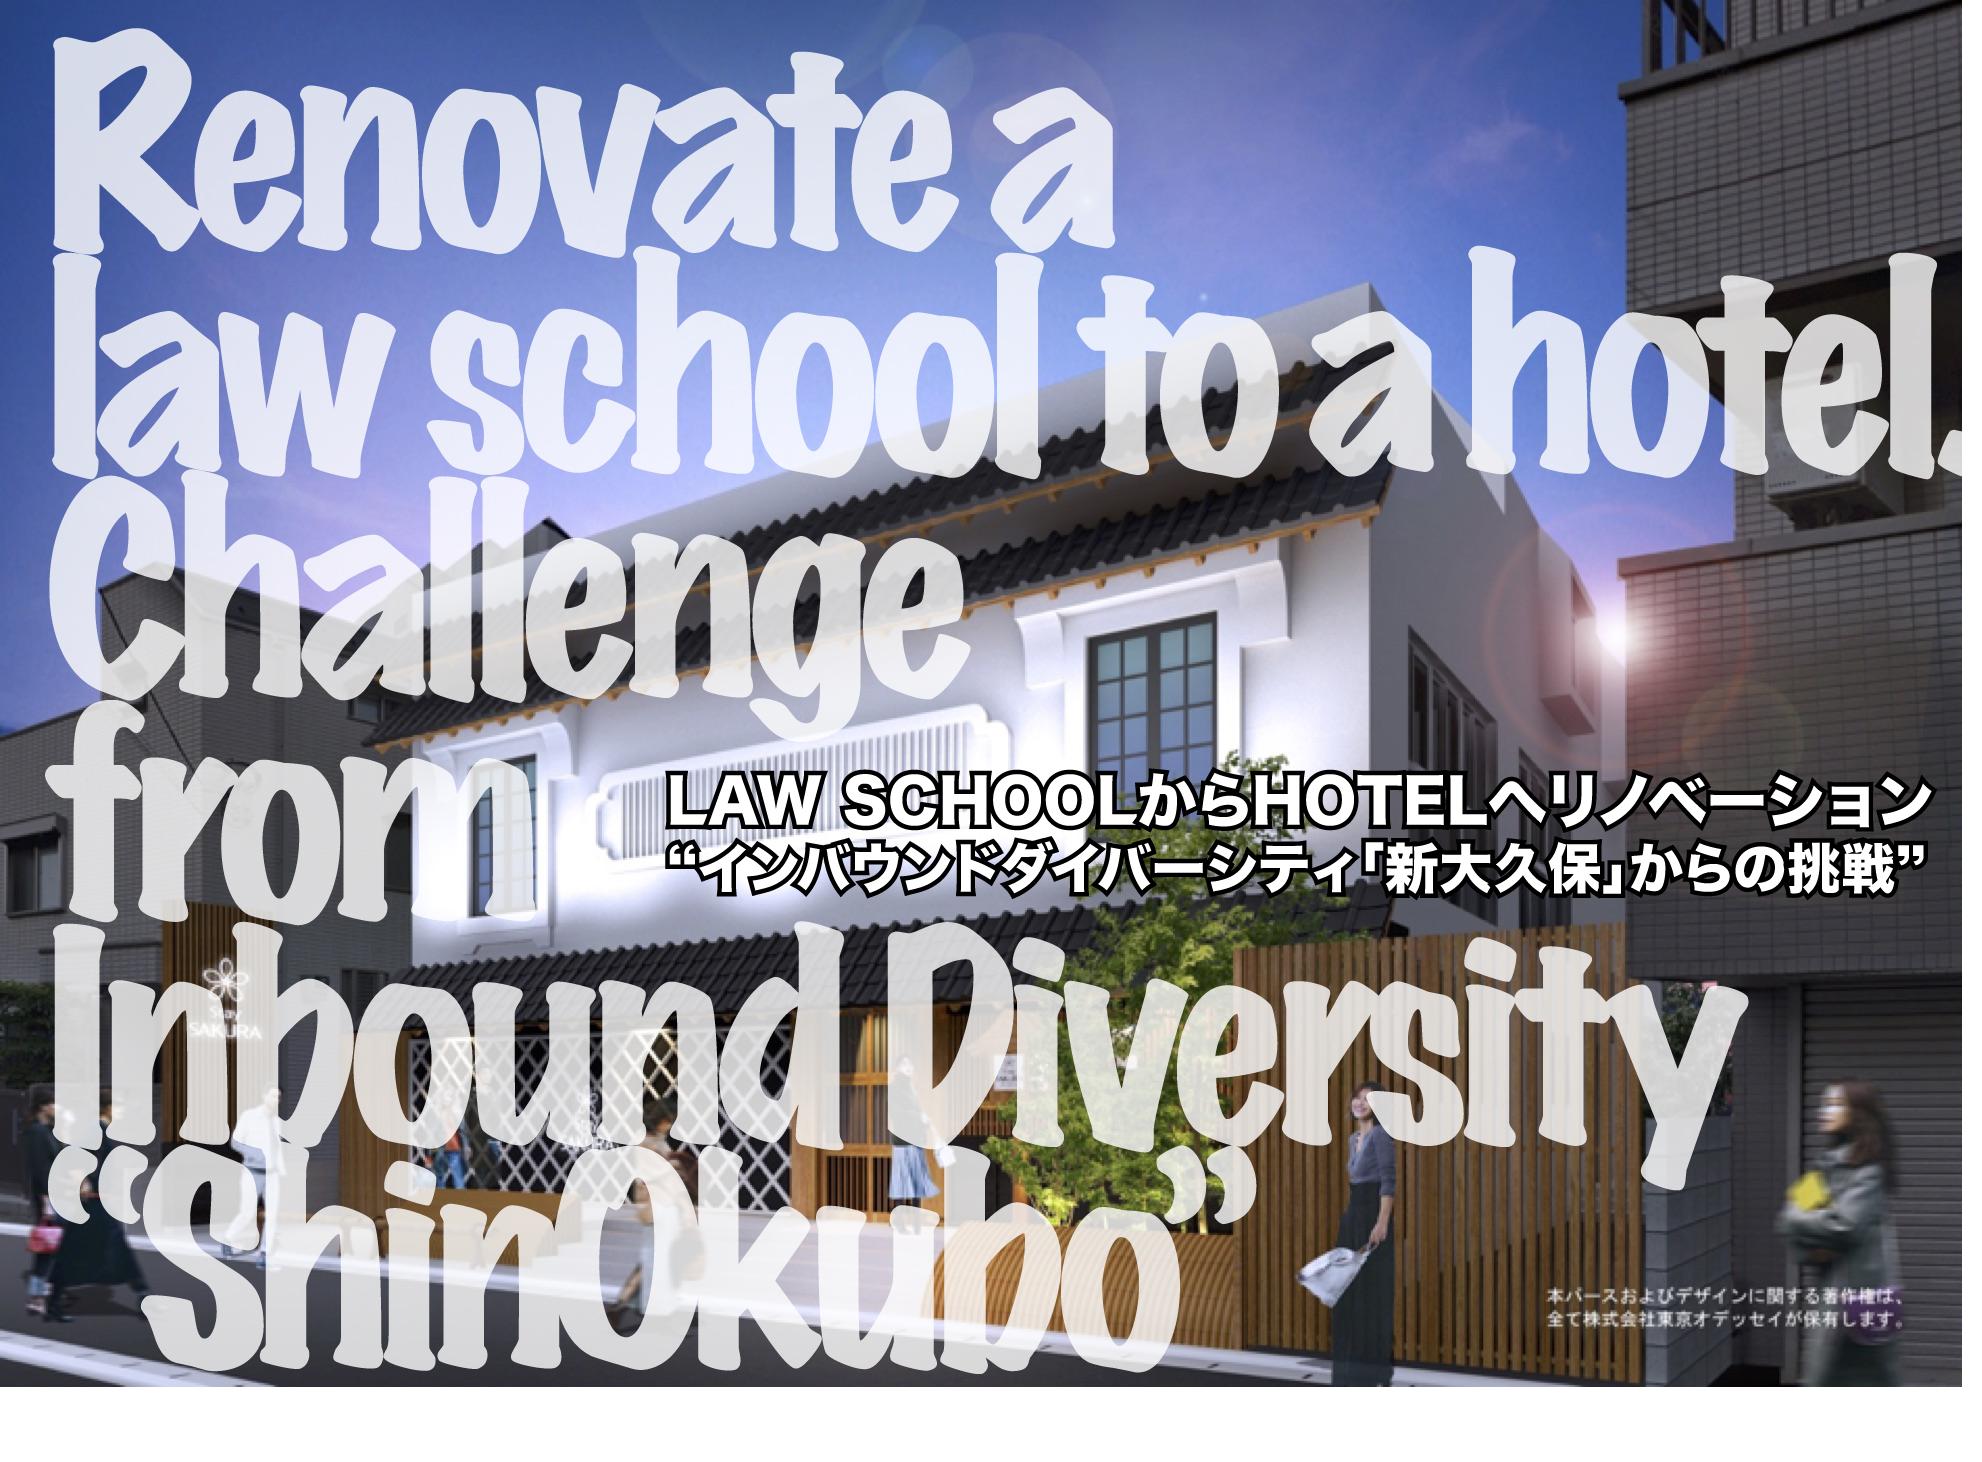 LAW SCHOOL から HOTEL へリノベーション